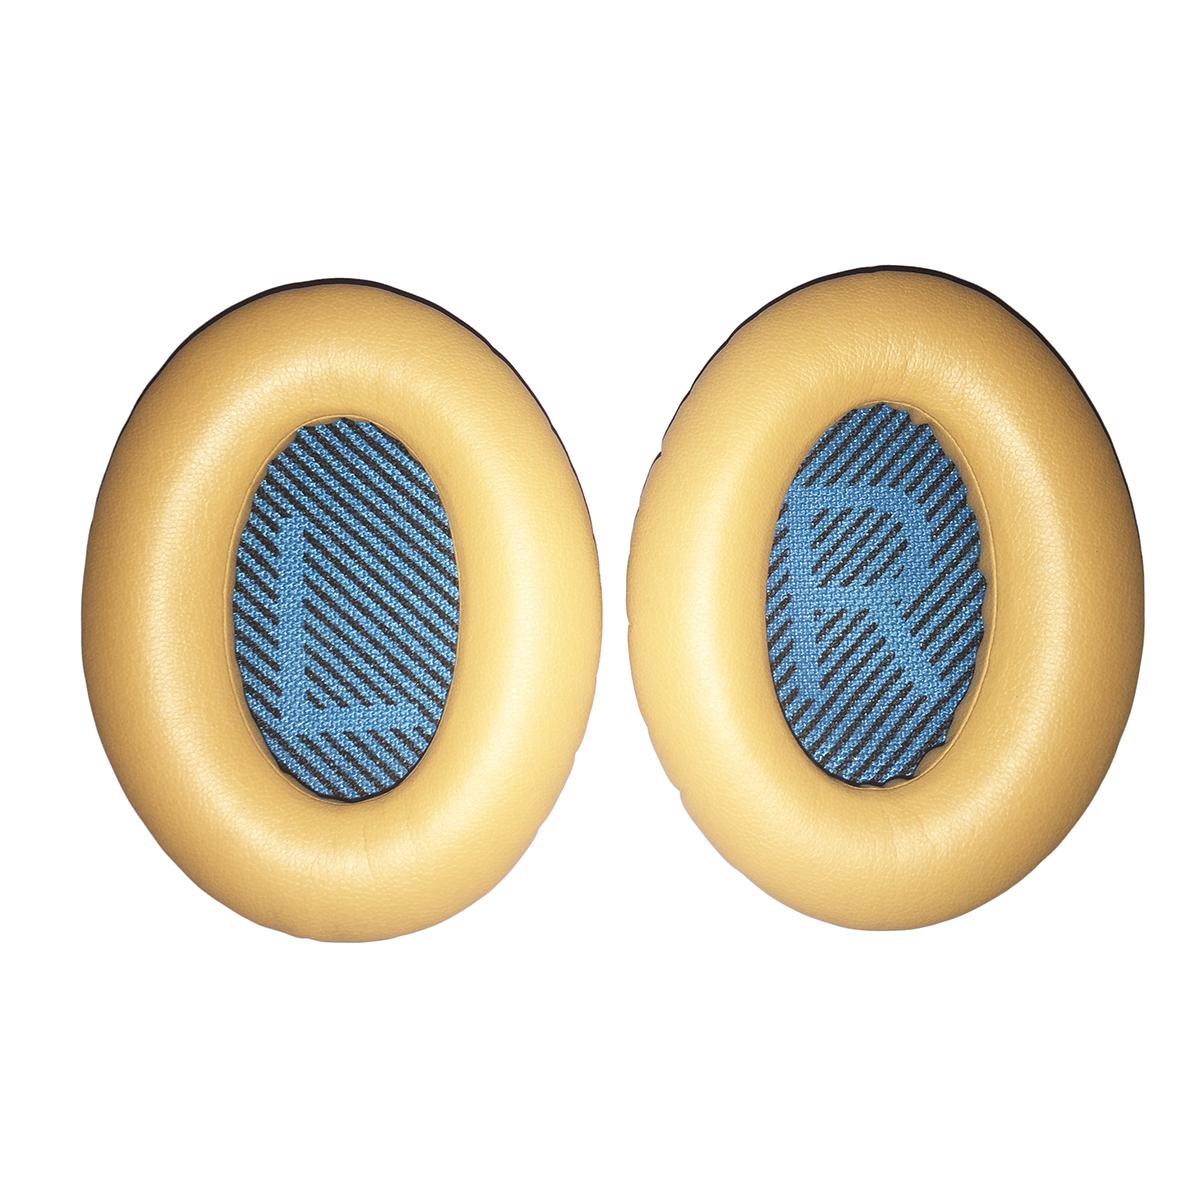 ขาย ฟองน้ำหูฟัง X-Tips รุ่น XT106 สำหรับหูฟัง Bose QC2, QC15, AE2, AE2I, QC25